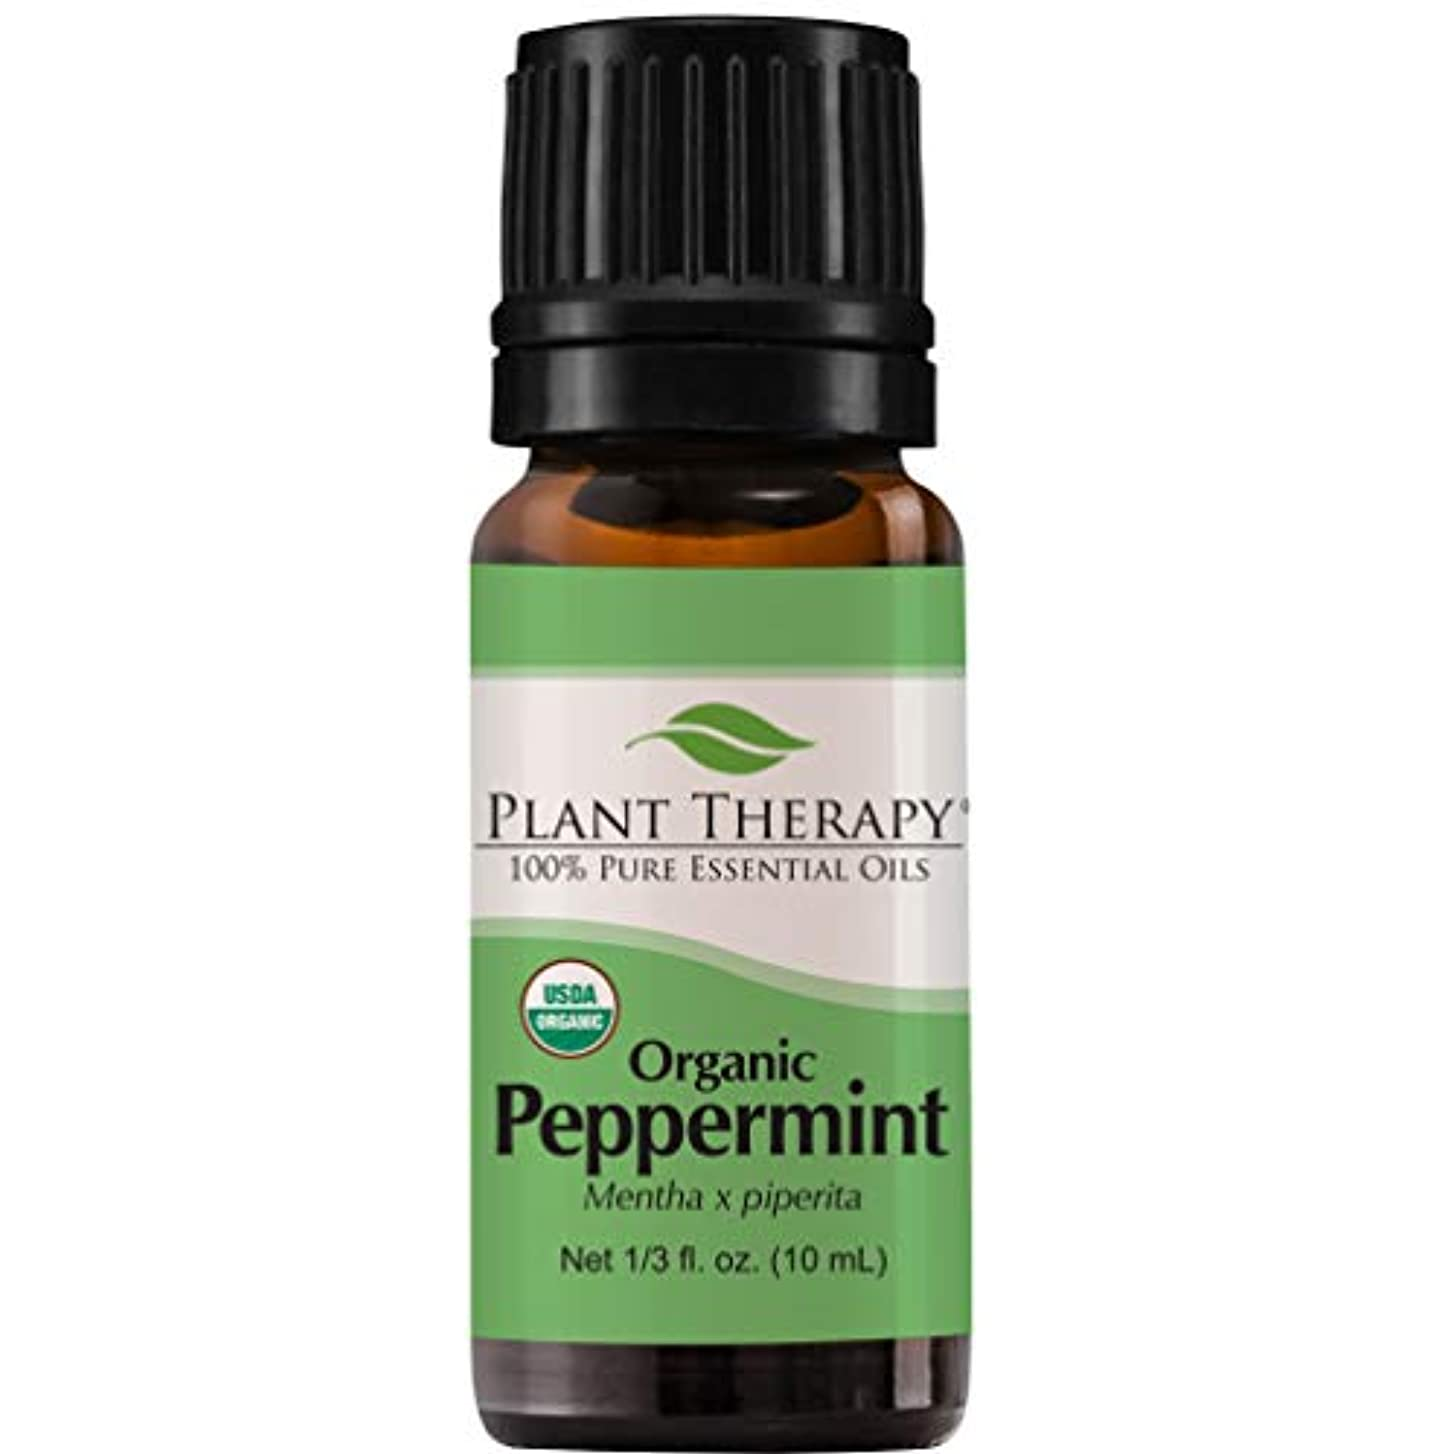 使用法注目すべきカビPlant Therapy Essential Oils (プラントセラピー エッセンシャルオイル) オーガニック ペパーミント エッセンシャルオイル